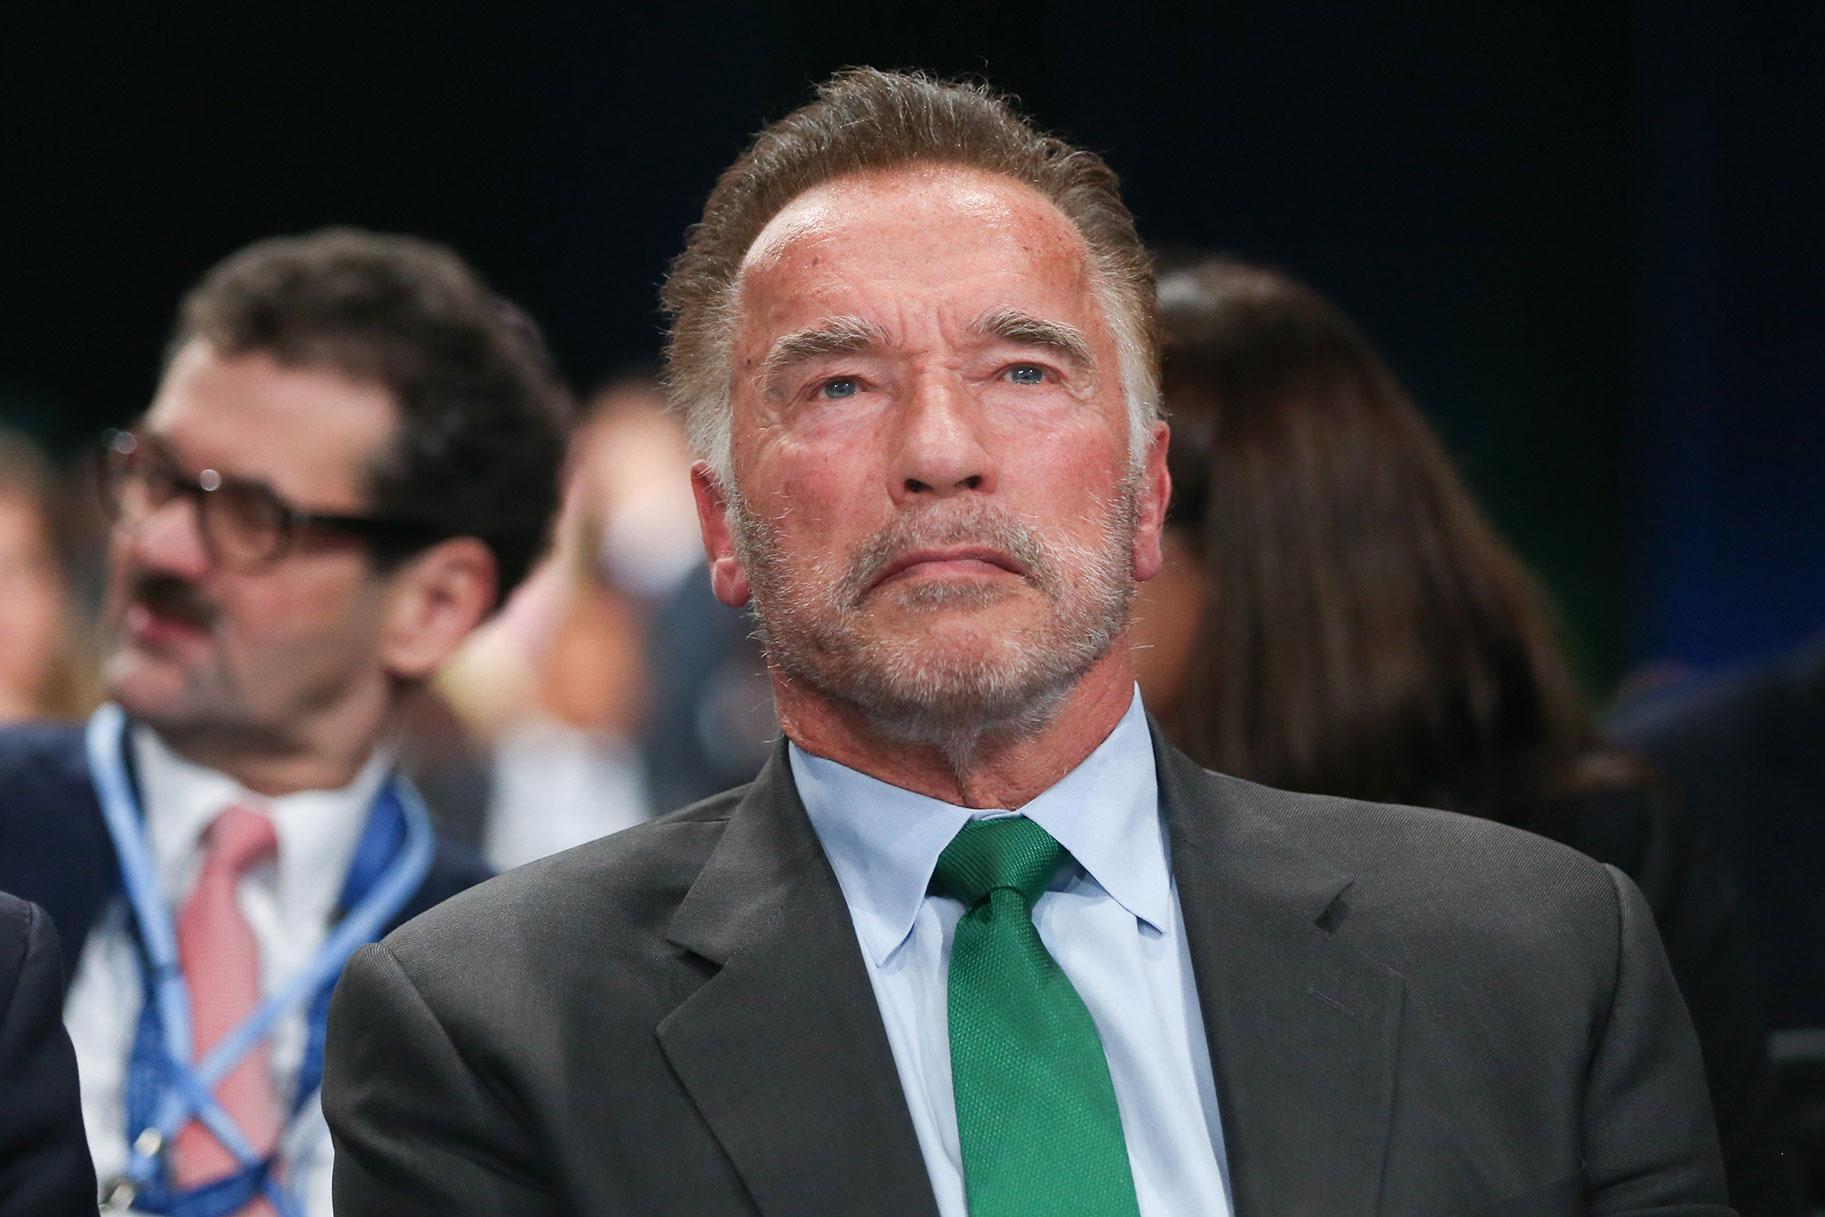 Arnold Schwarzenegger es pateado al azar en un evento deportivo familiar